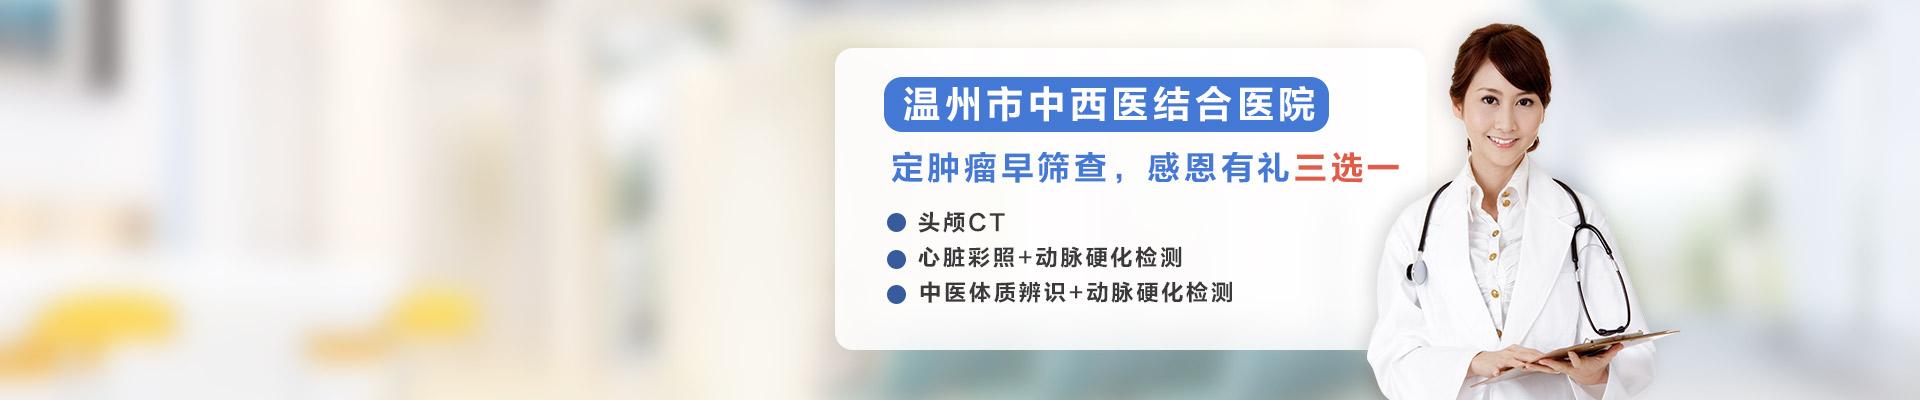 温州市中西医结合医院体检中心(PC)